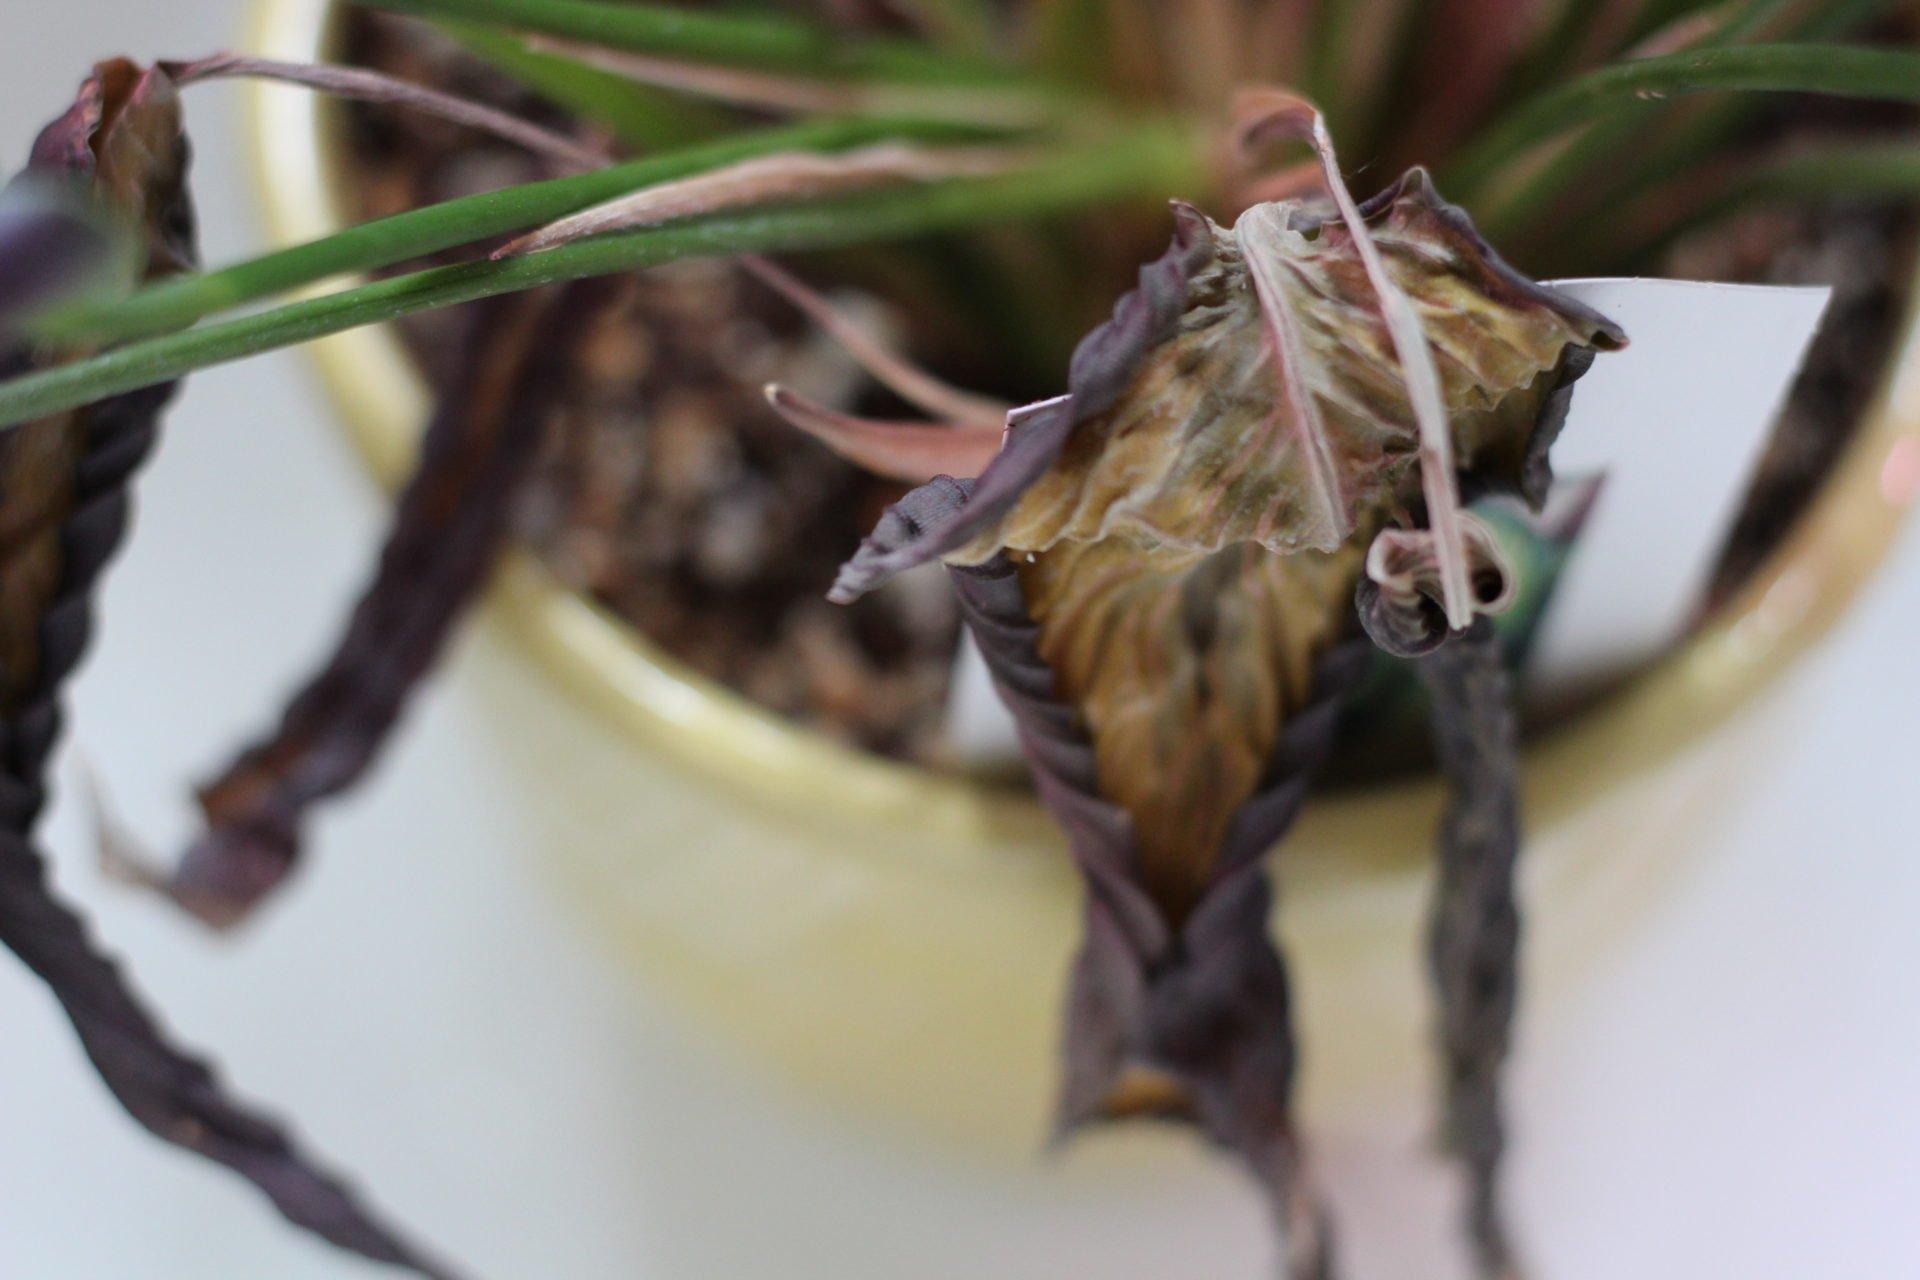 dead calathea leaves